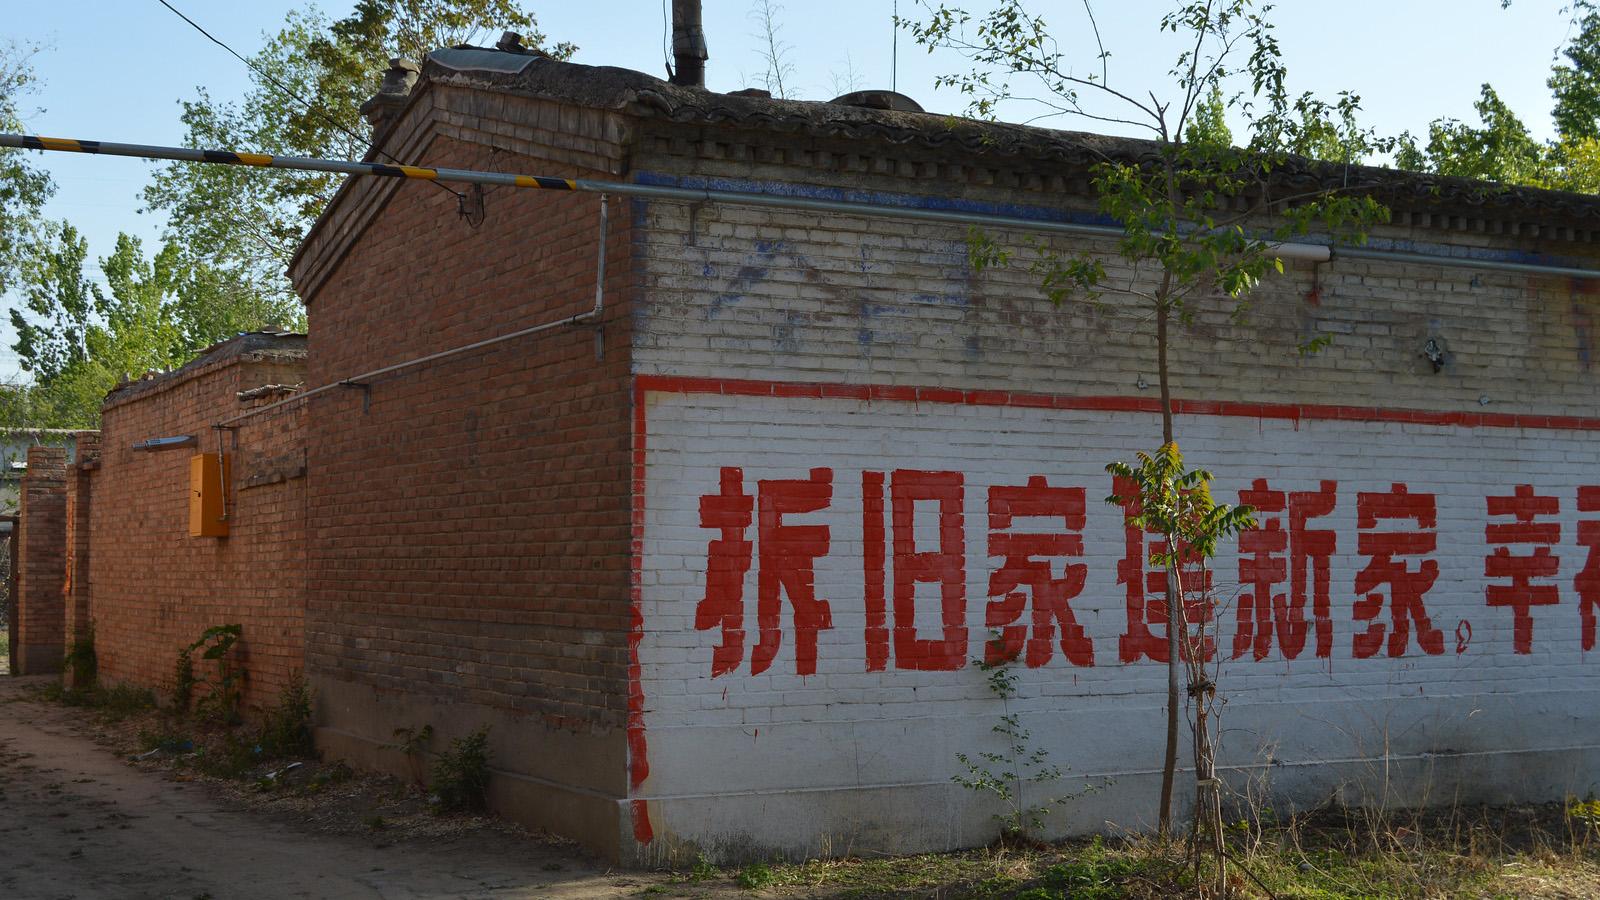 河北容城北河照村,传统民居被政府涂上拆迁标语。(高阳提供)